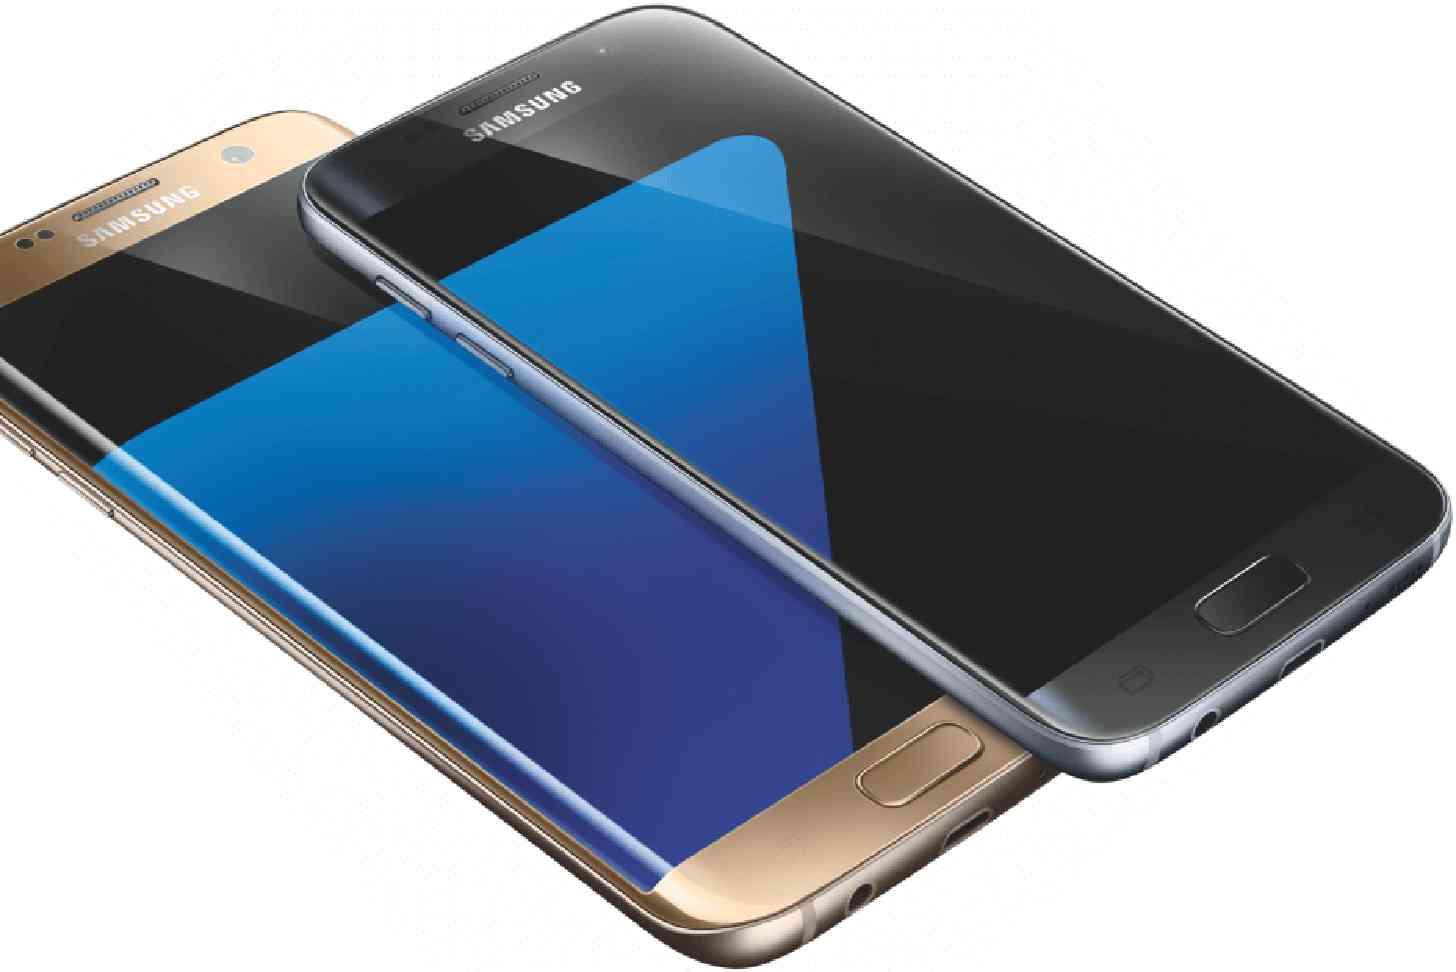 Samsung Galaxy S7, GS7 edge leak